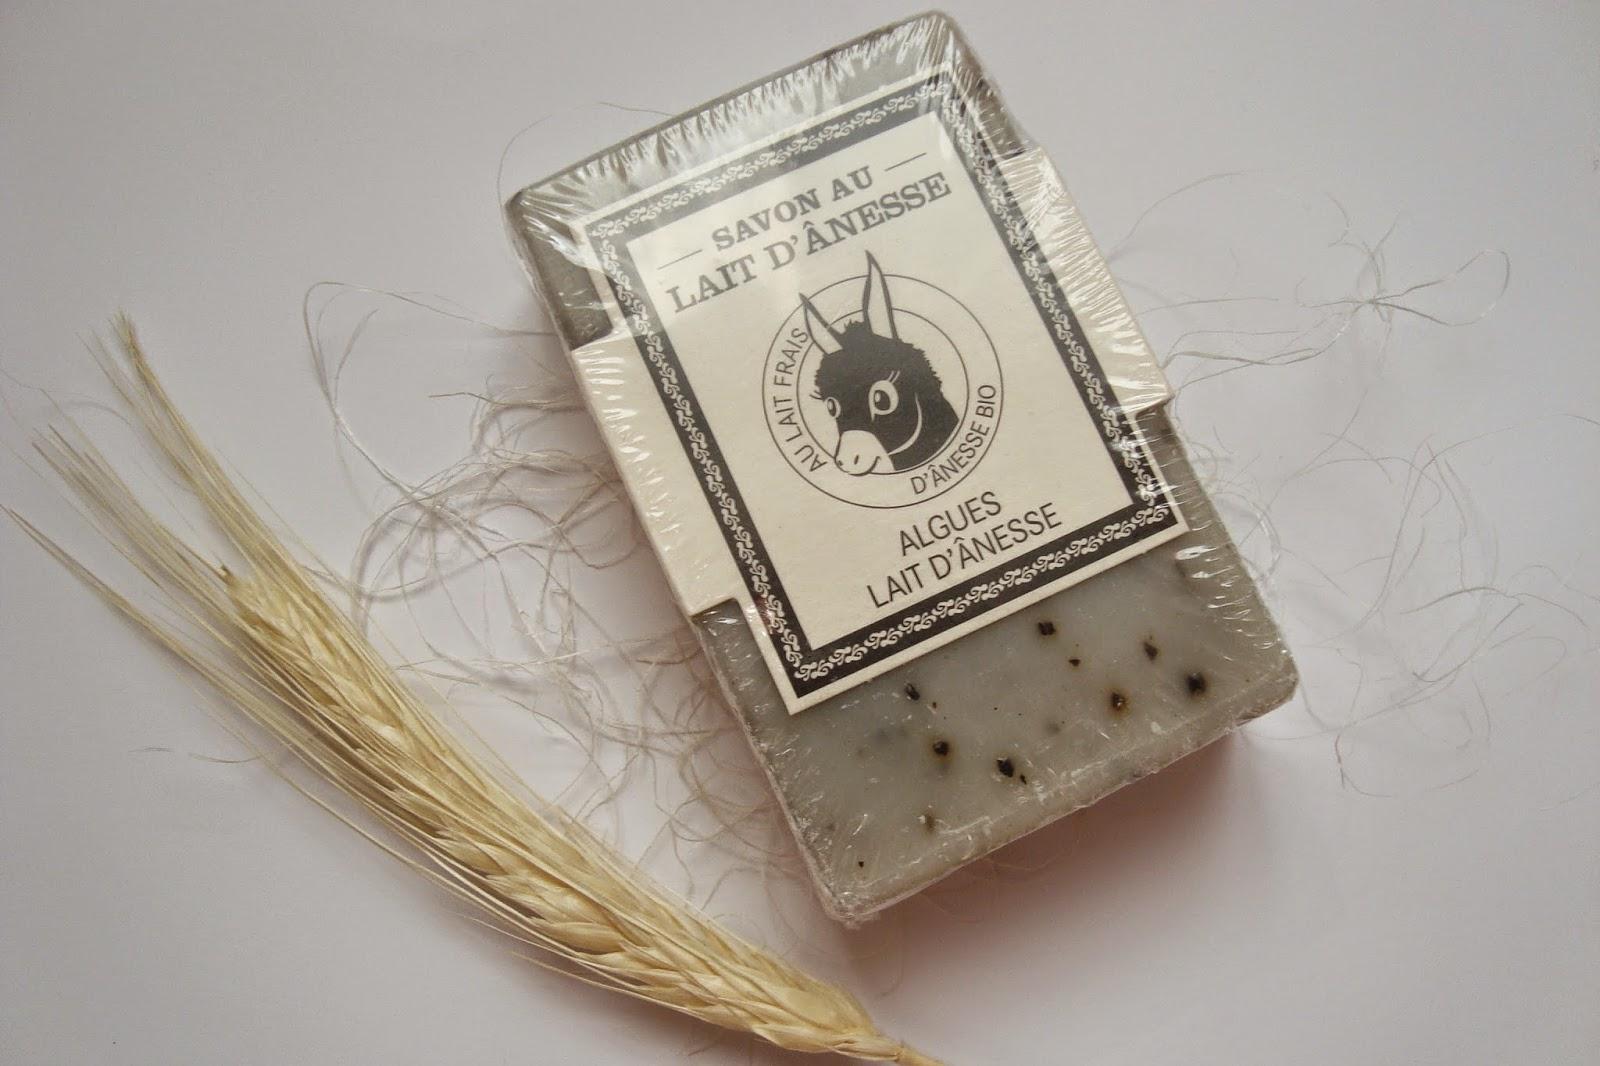 Mydlarnia u Franciszka - Mydło marsylskie z oślim mlekiem i algami